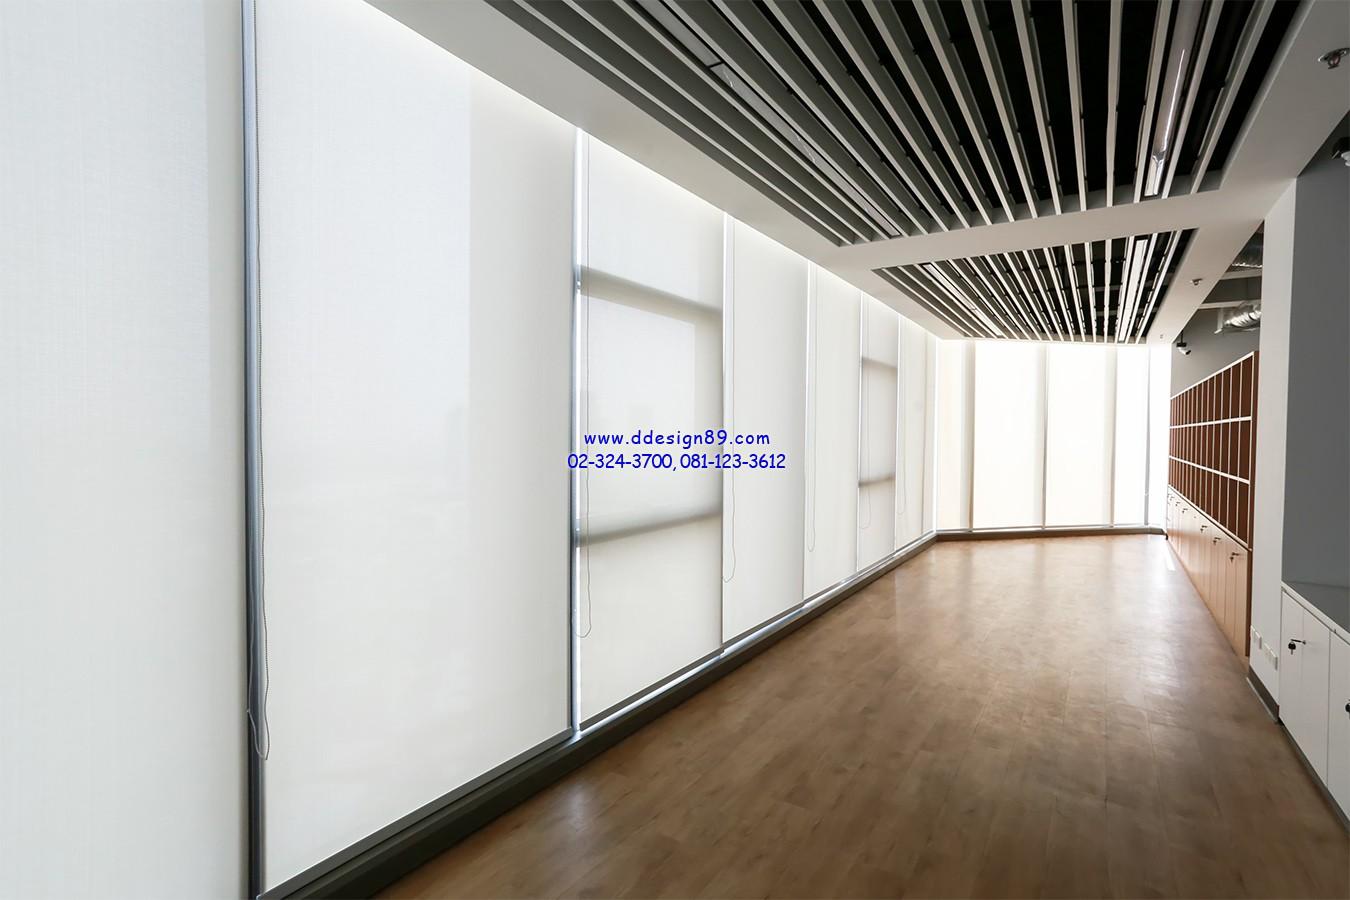 ลดอุณหภูมิภายในอาคาร ลดความร้อนจากแสงแดดบริเวณทางเดินริมหน้าต่าง